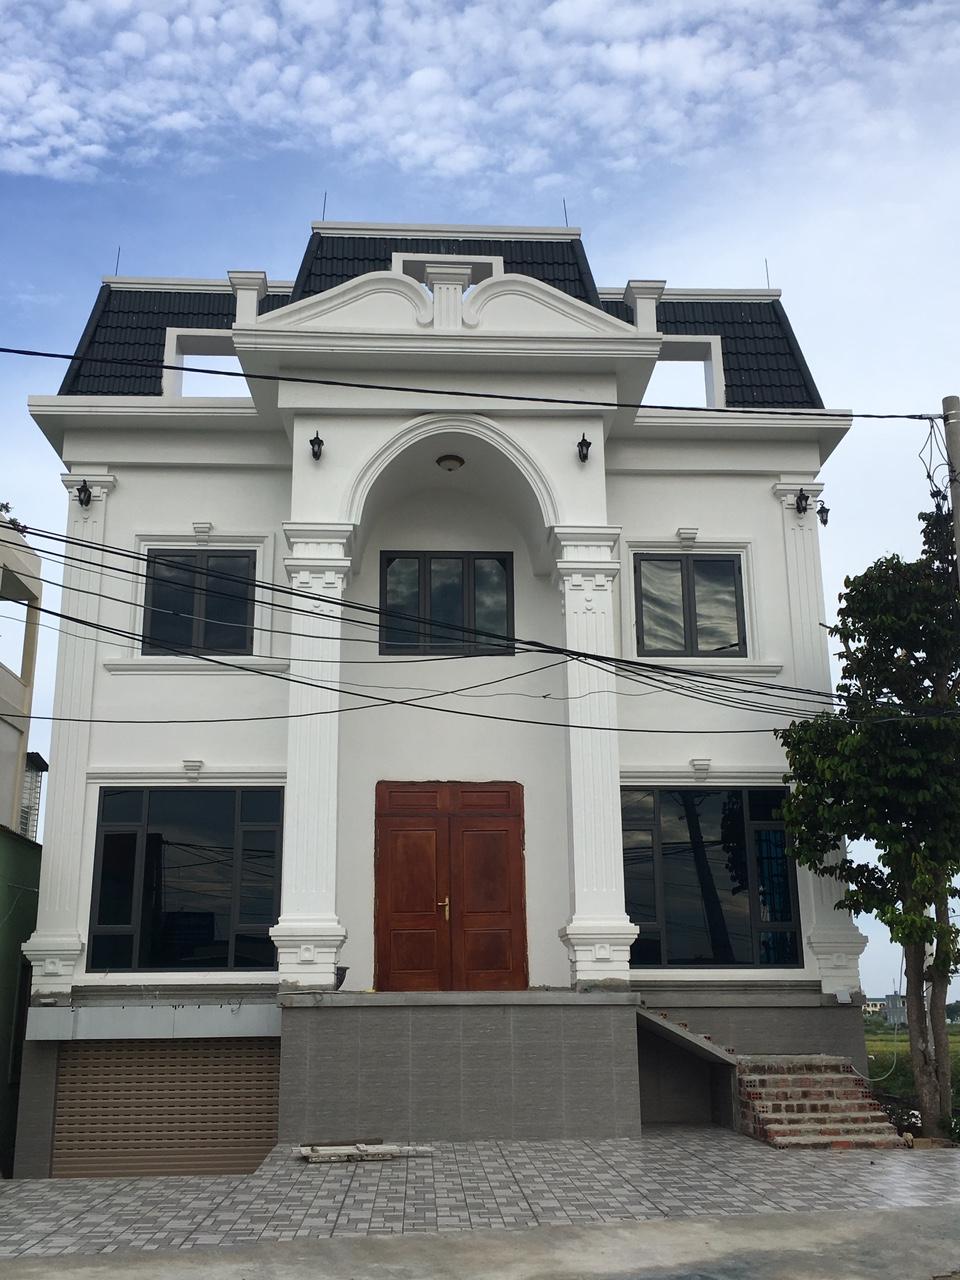 Biệt Thự nhà anh Tuấn tại Nghệ An